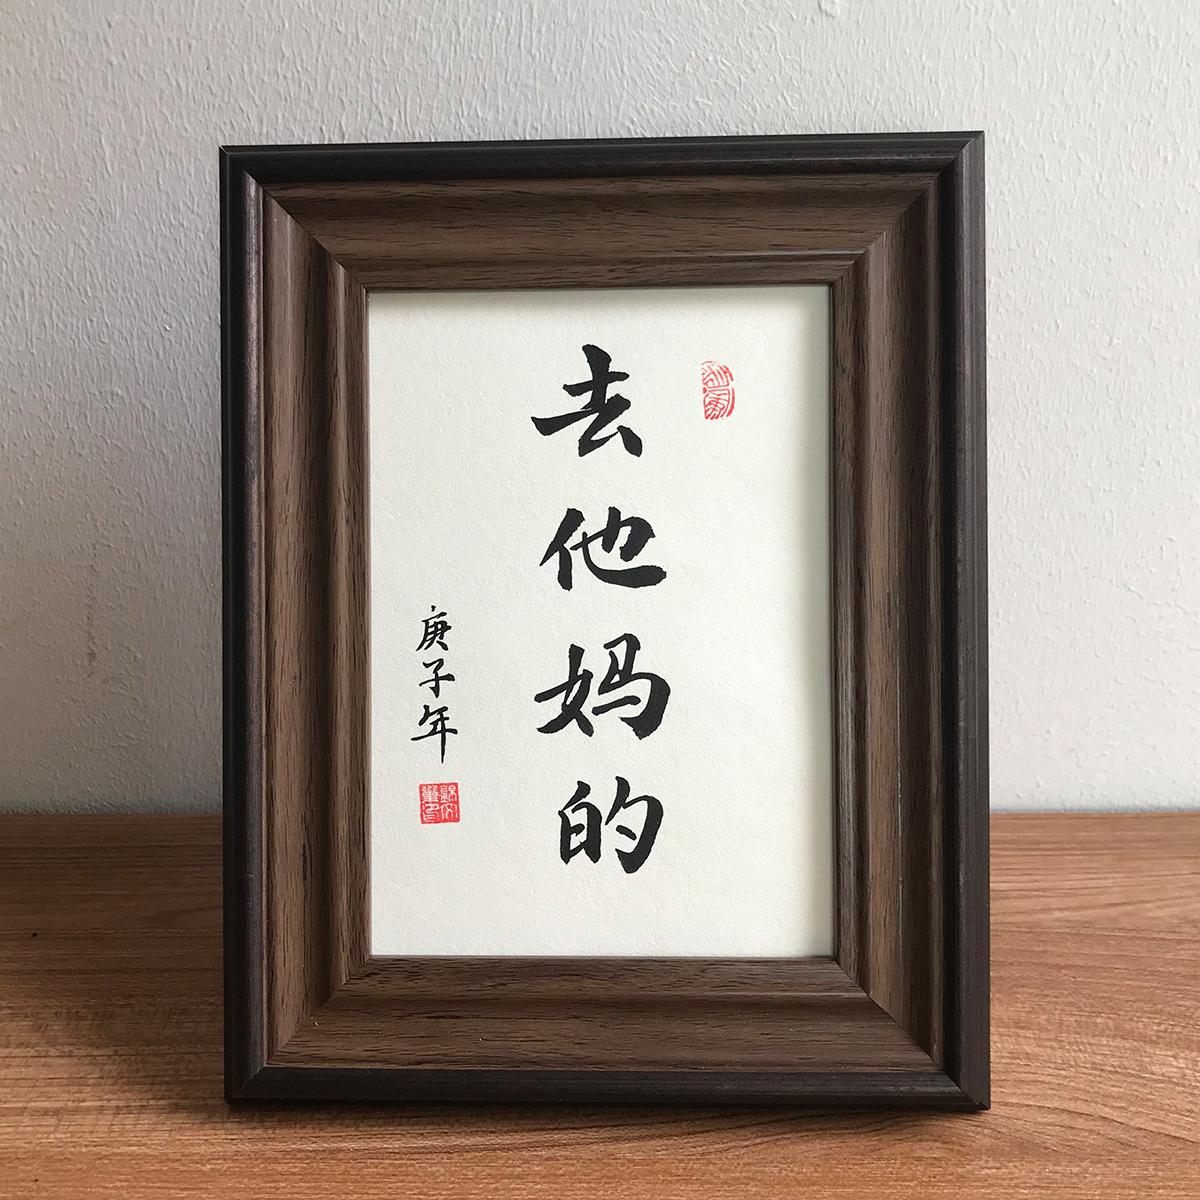 去他媽的手寫創意字畫書法桌面擺件臺個性定制禮物新中式裝飾掛畫